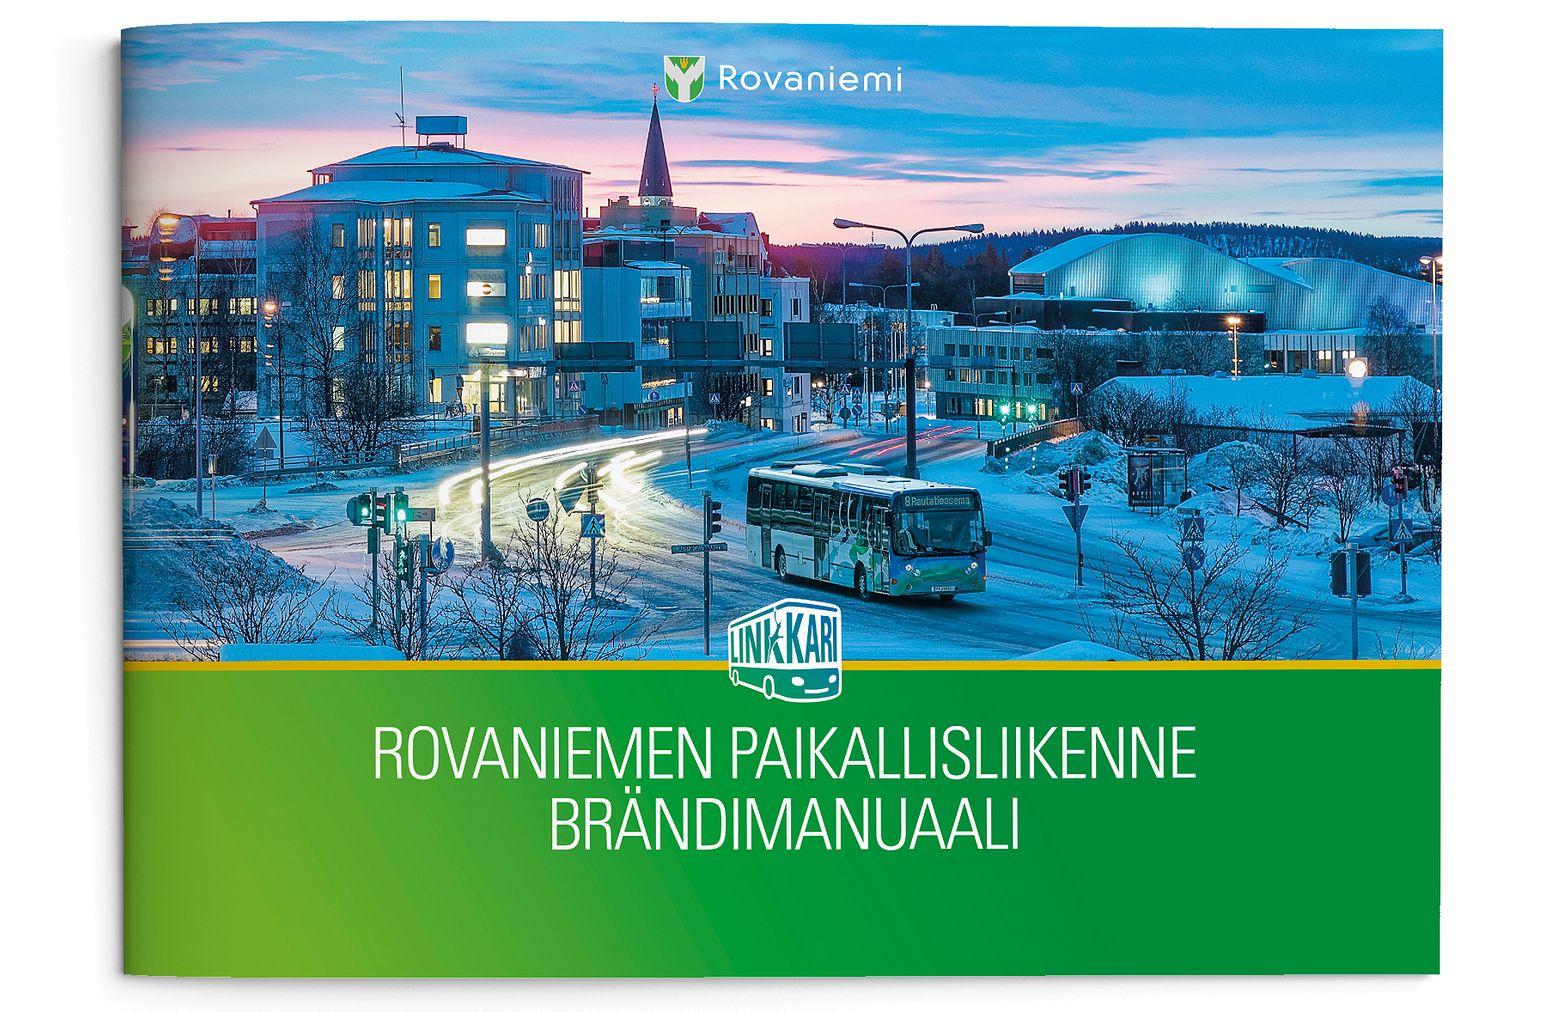 Brändimanuaalissa esitellään Rovaniemen kaupungin Linkkarin visuaalinen ilme.